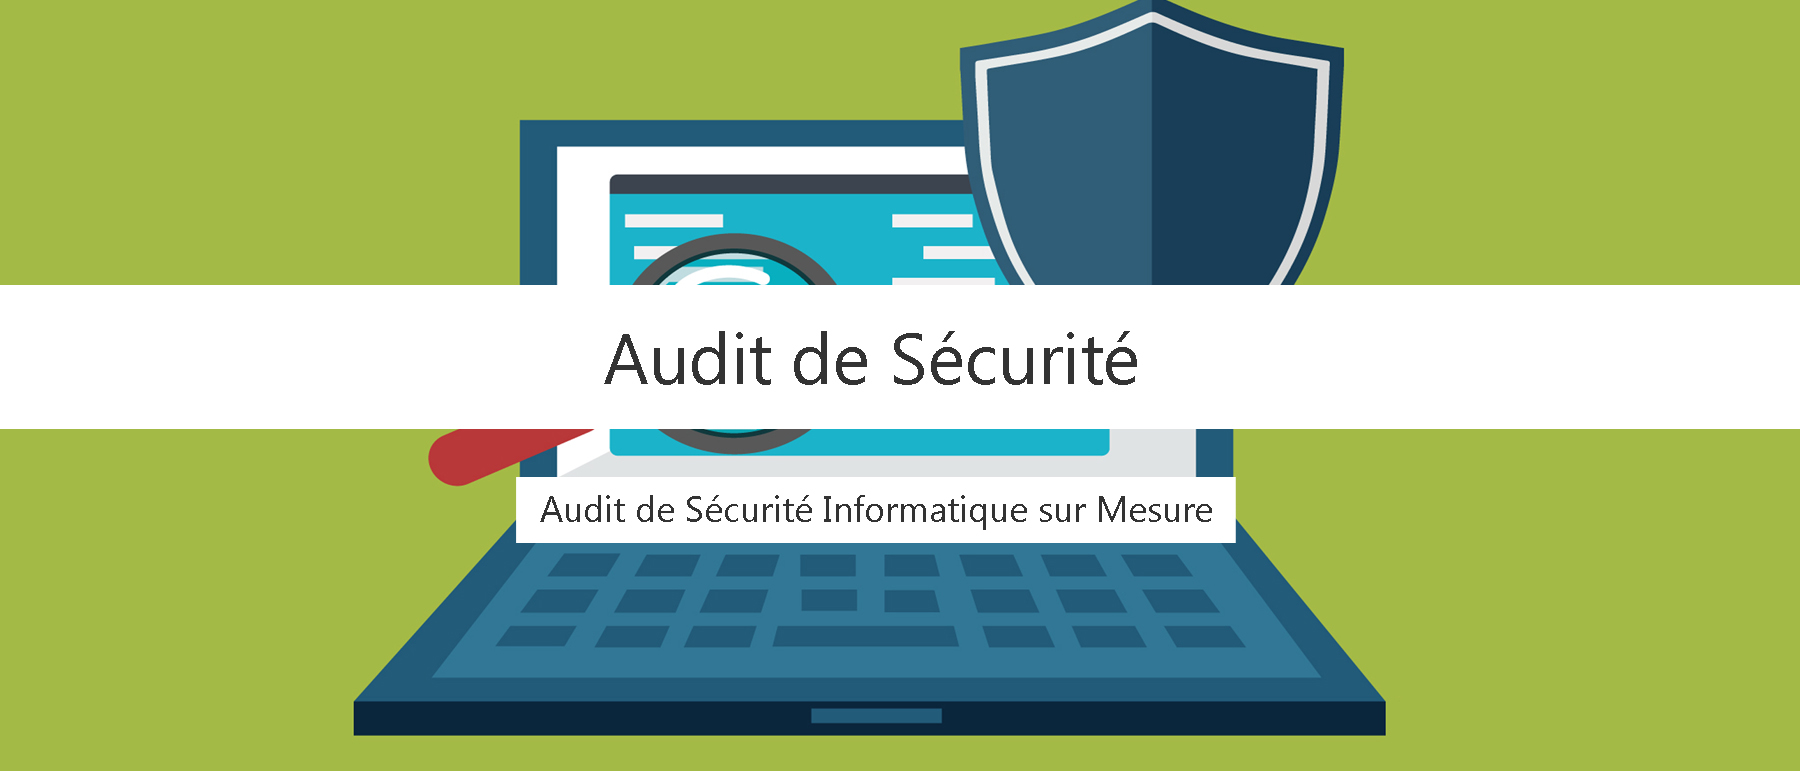 Audit de sécurité